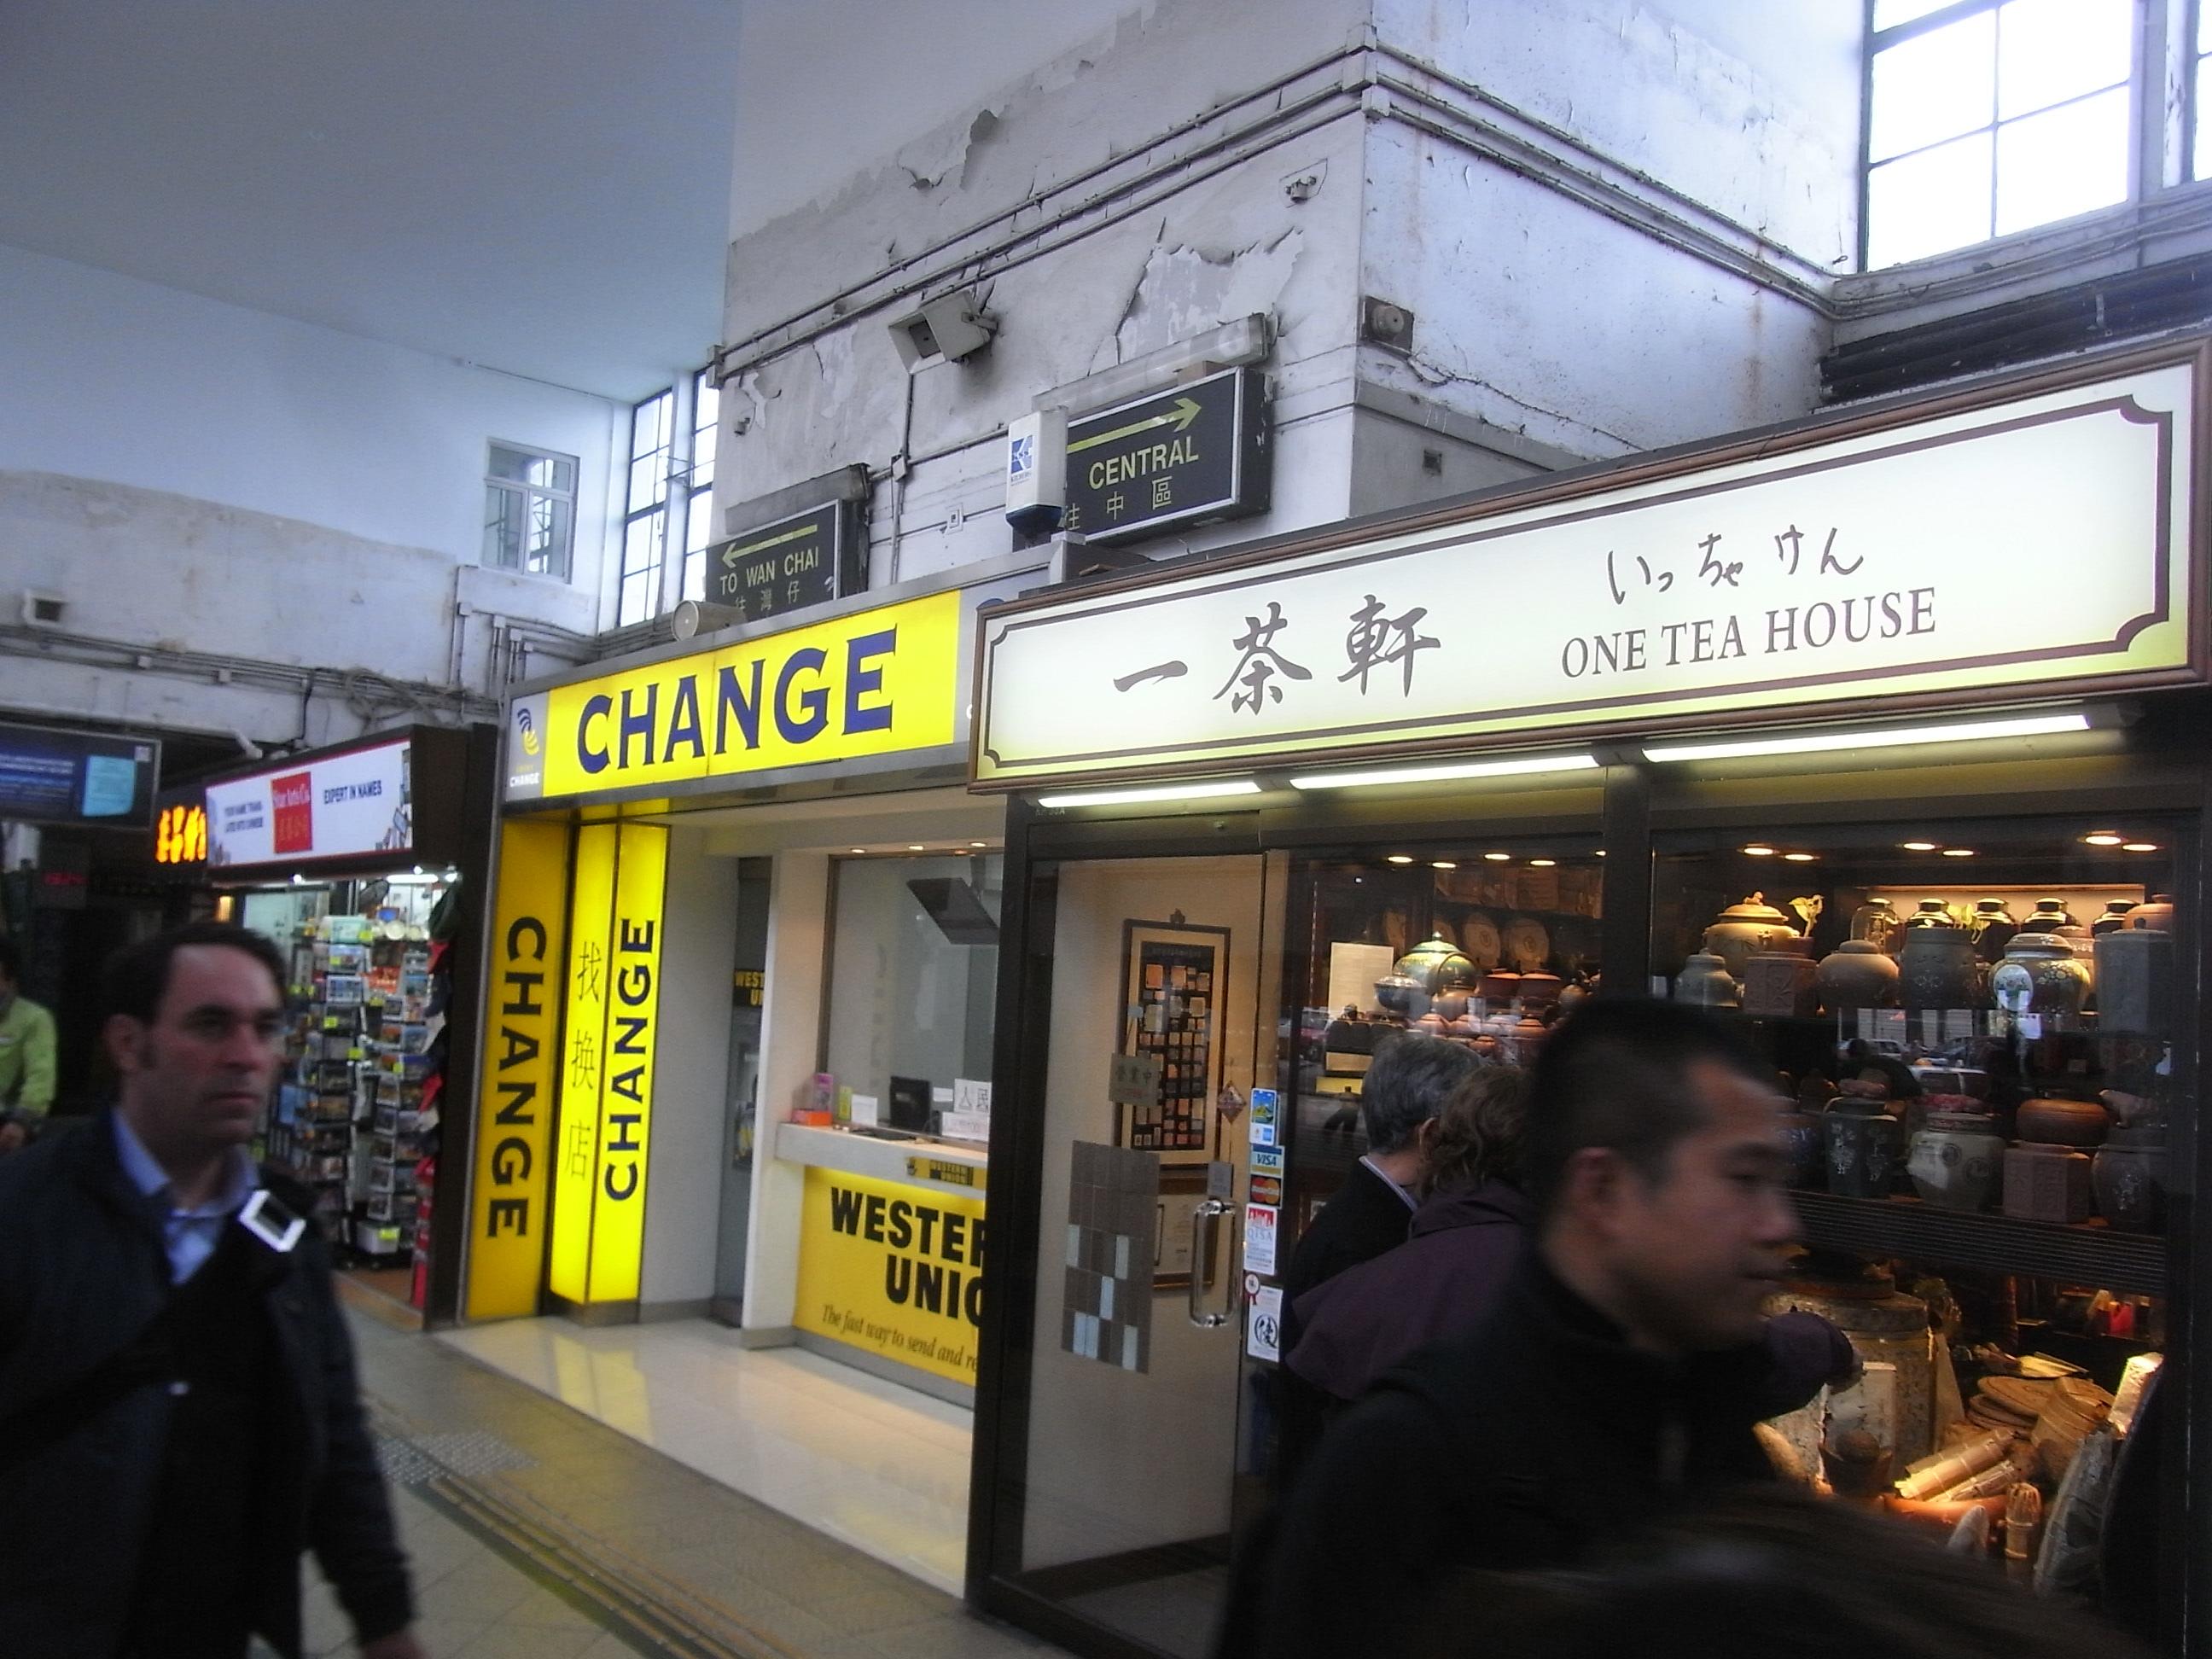 File:hk tst star ferry piers shop one tea house n western union